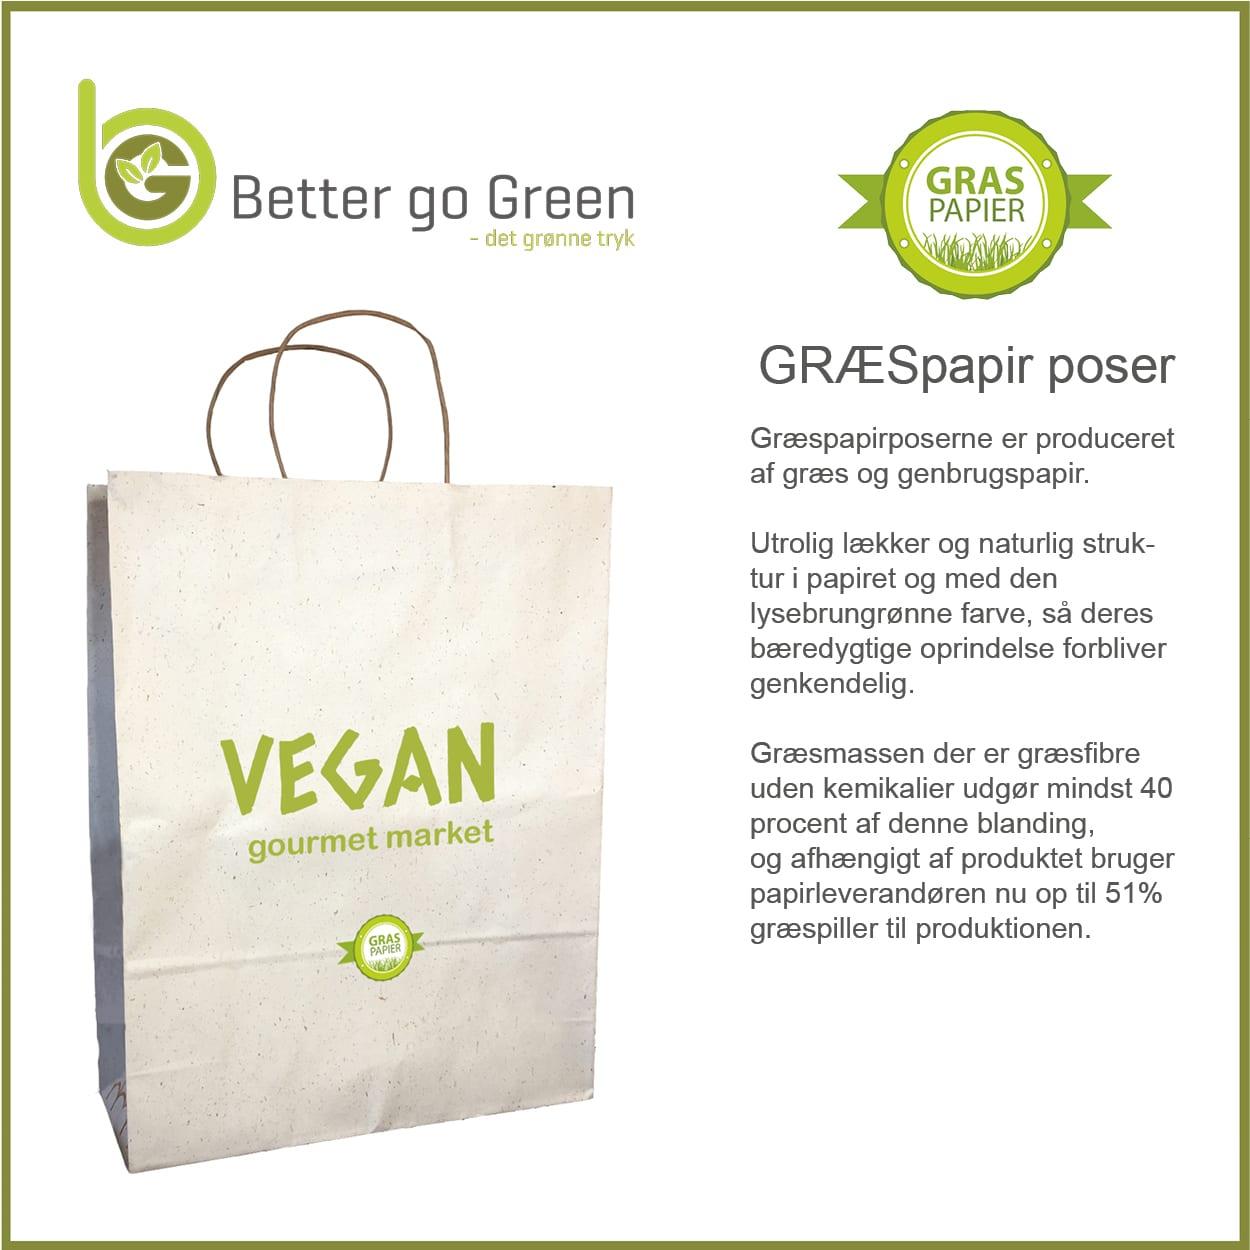 Græspapir poser med logo tryk. BetterGoGreen.dk